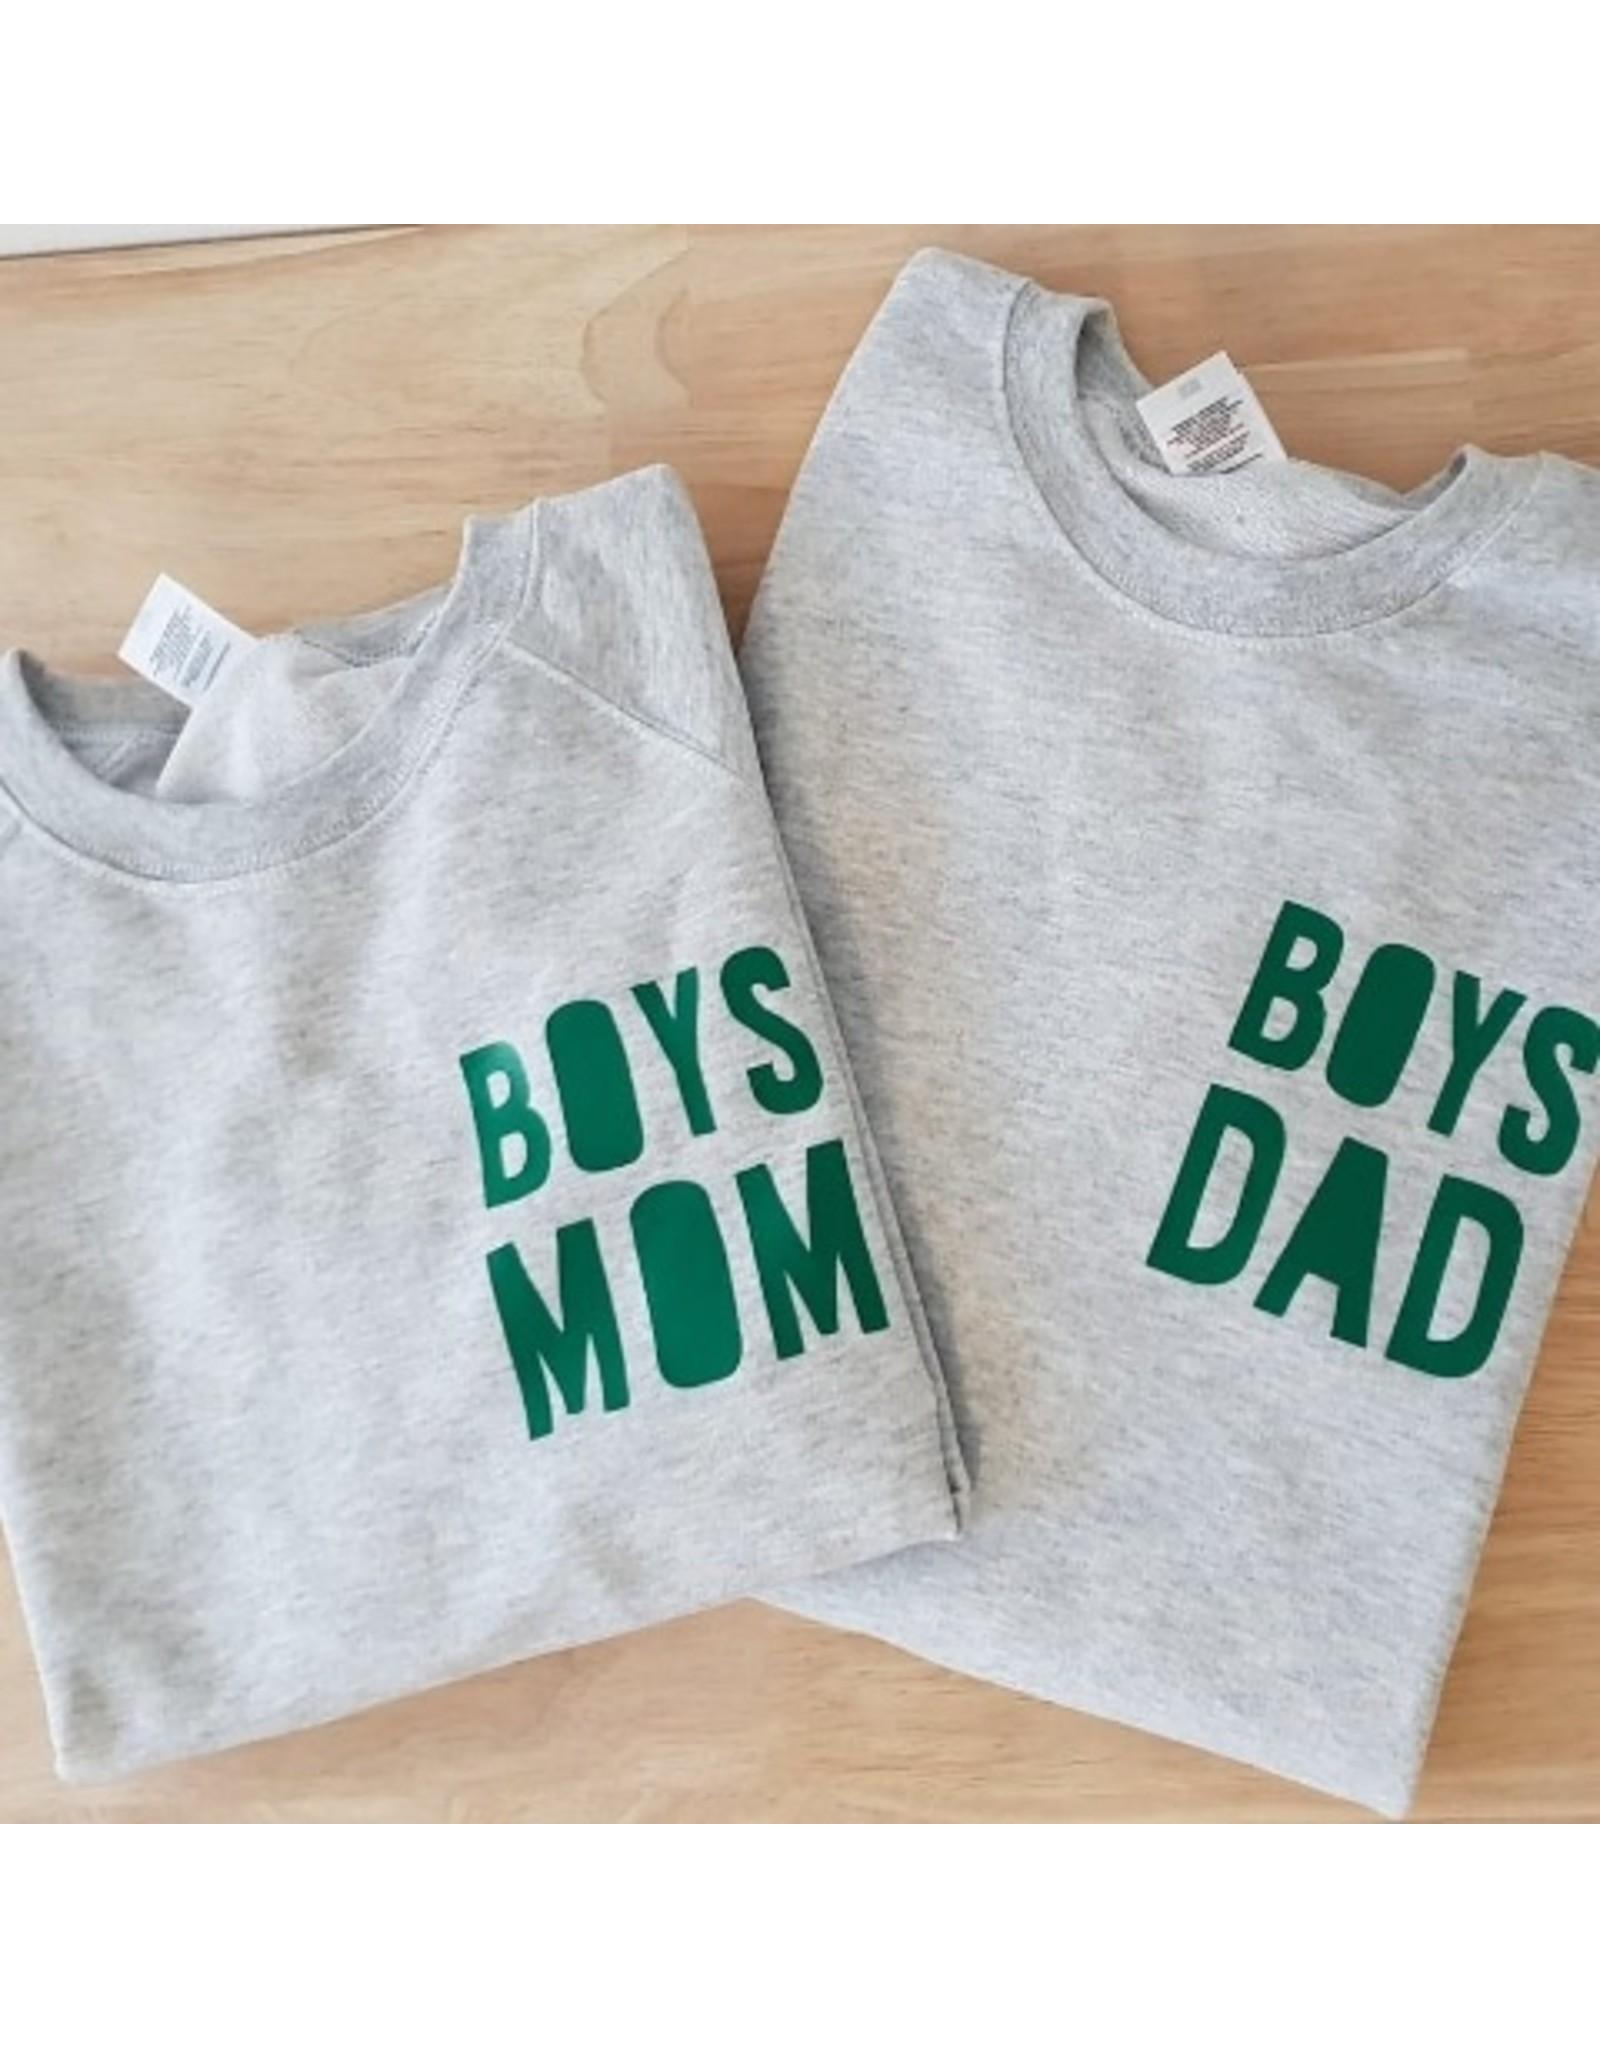 Set: Sweaters - Boys mom & Boys dad